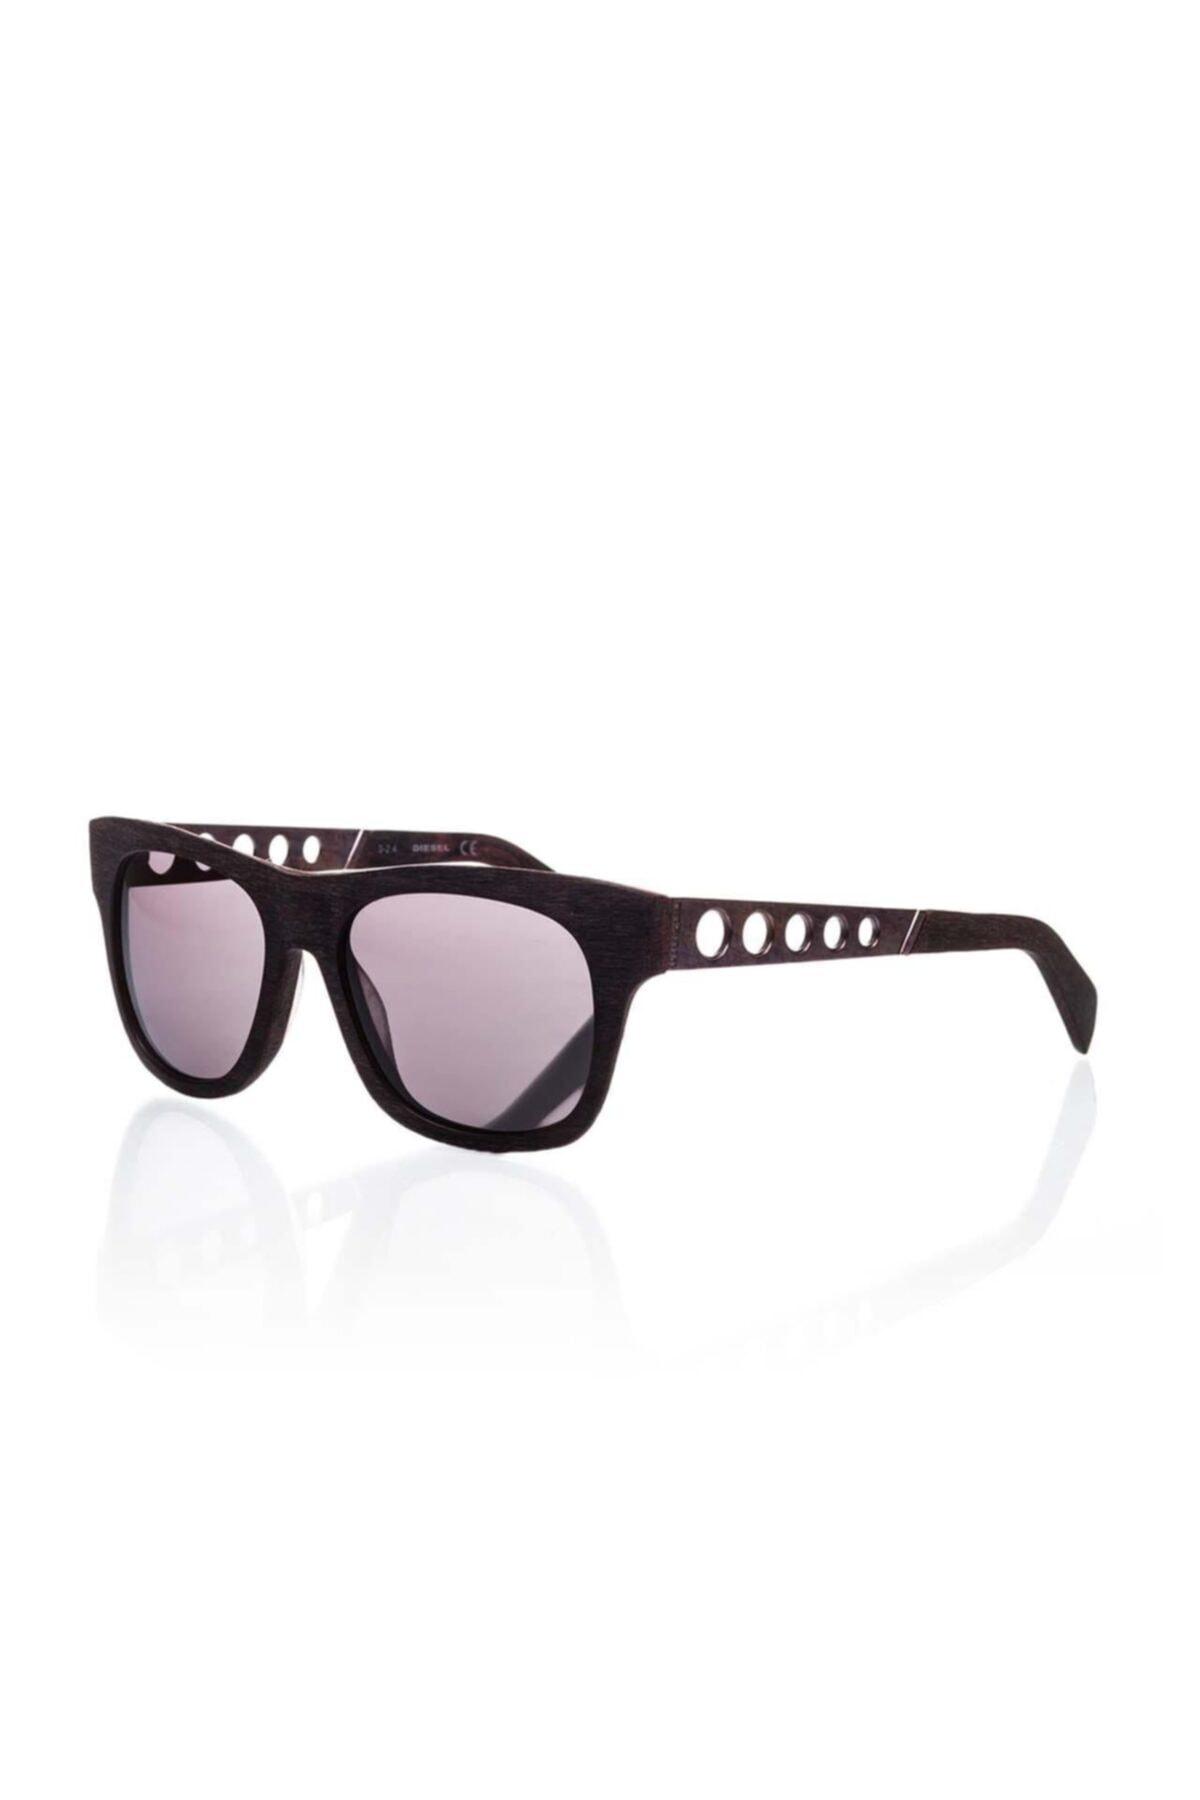 قیمت عینک دودی یونیسکس برند دیزل کد ty31281687